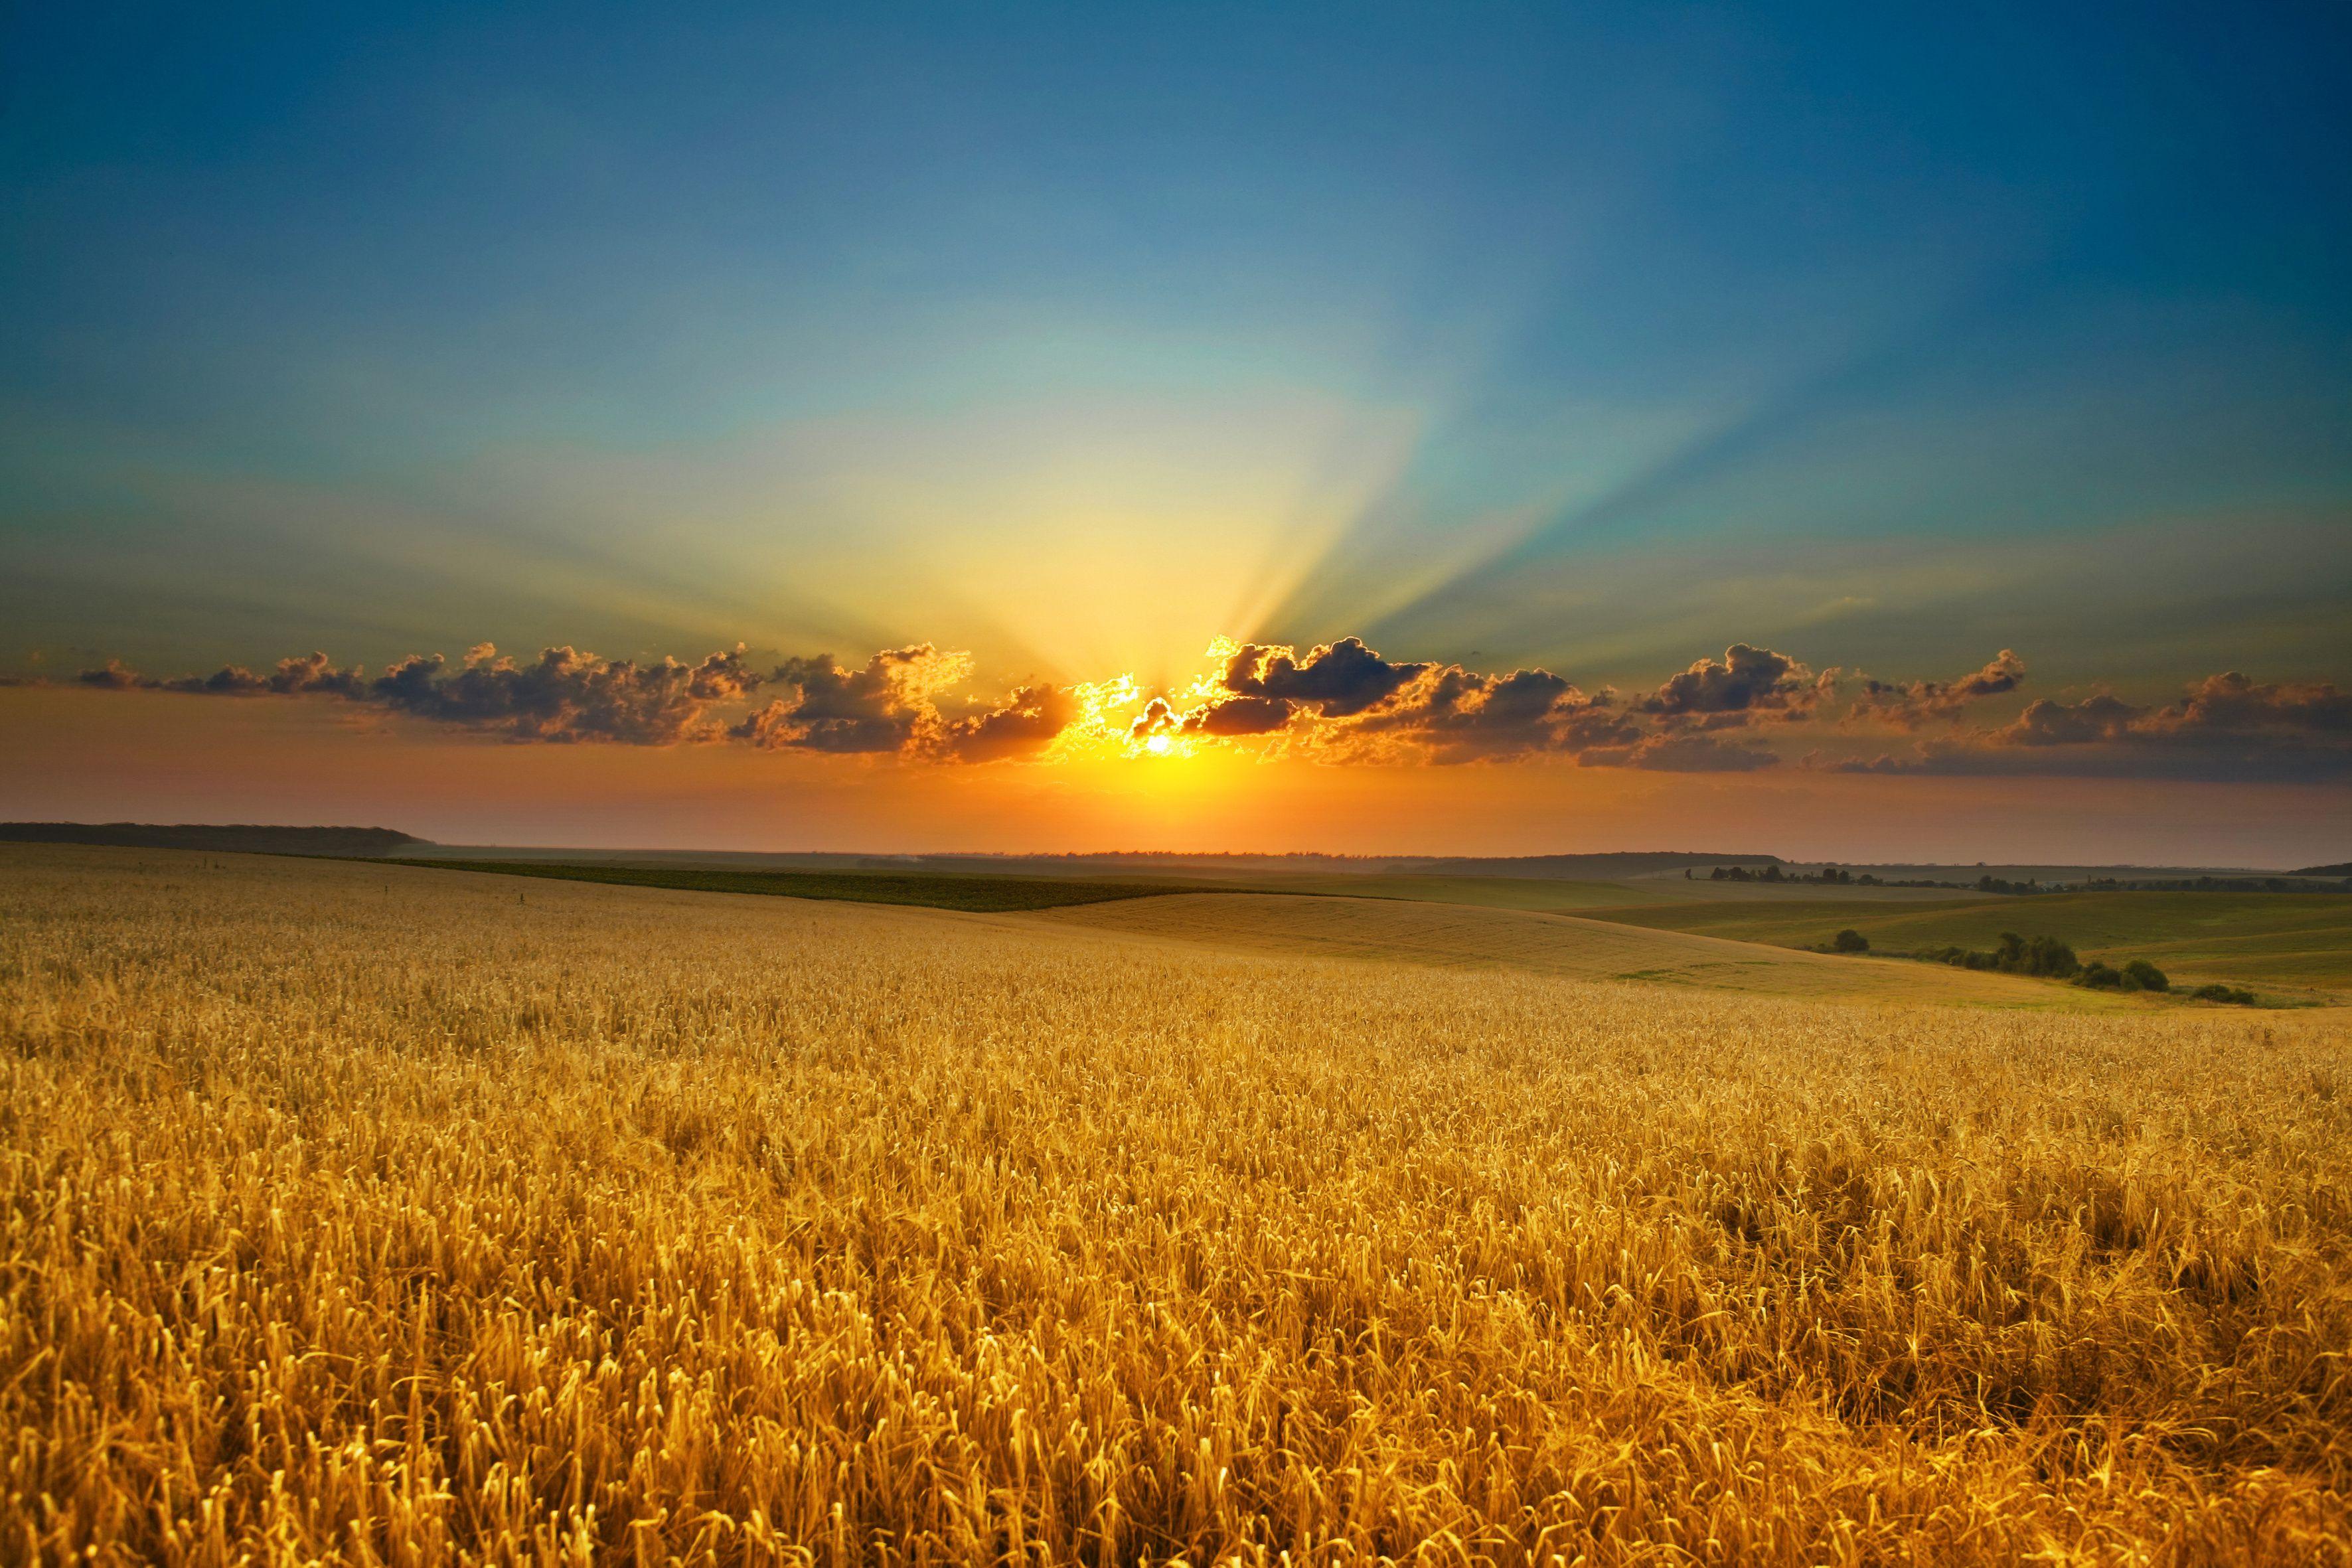 Картинки поле пшеницы, колосья, солнце ...: xorst.ru/oboi?view=detail&id=1499